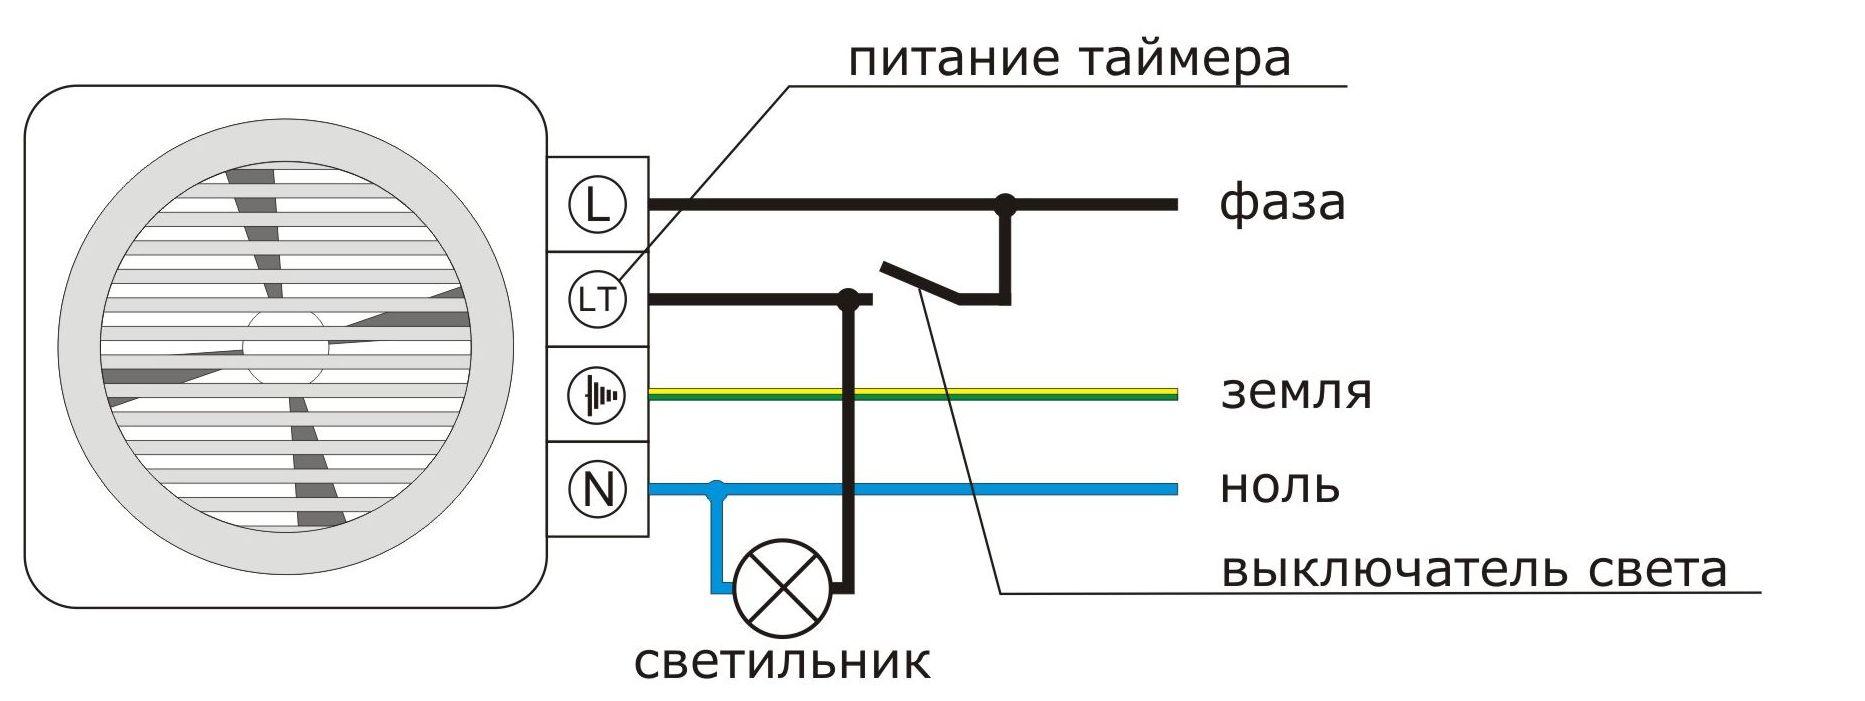 водосток в ванной схема